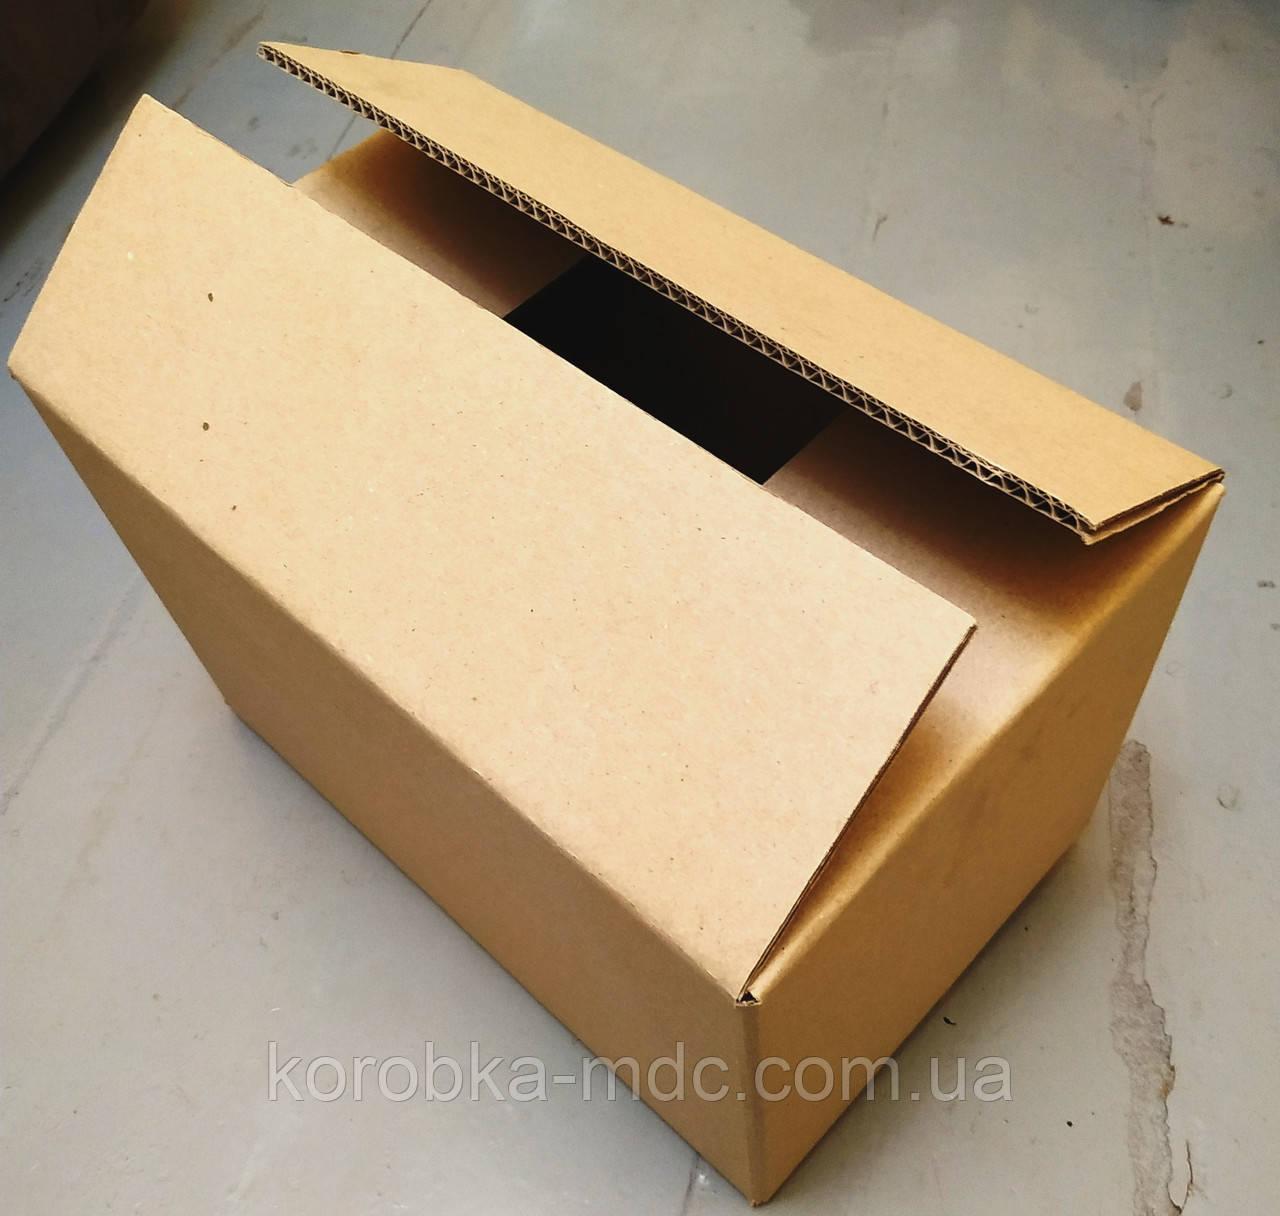 Коробка 20 л П34 Бег ин бокс (горизонтальная)